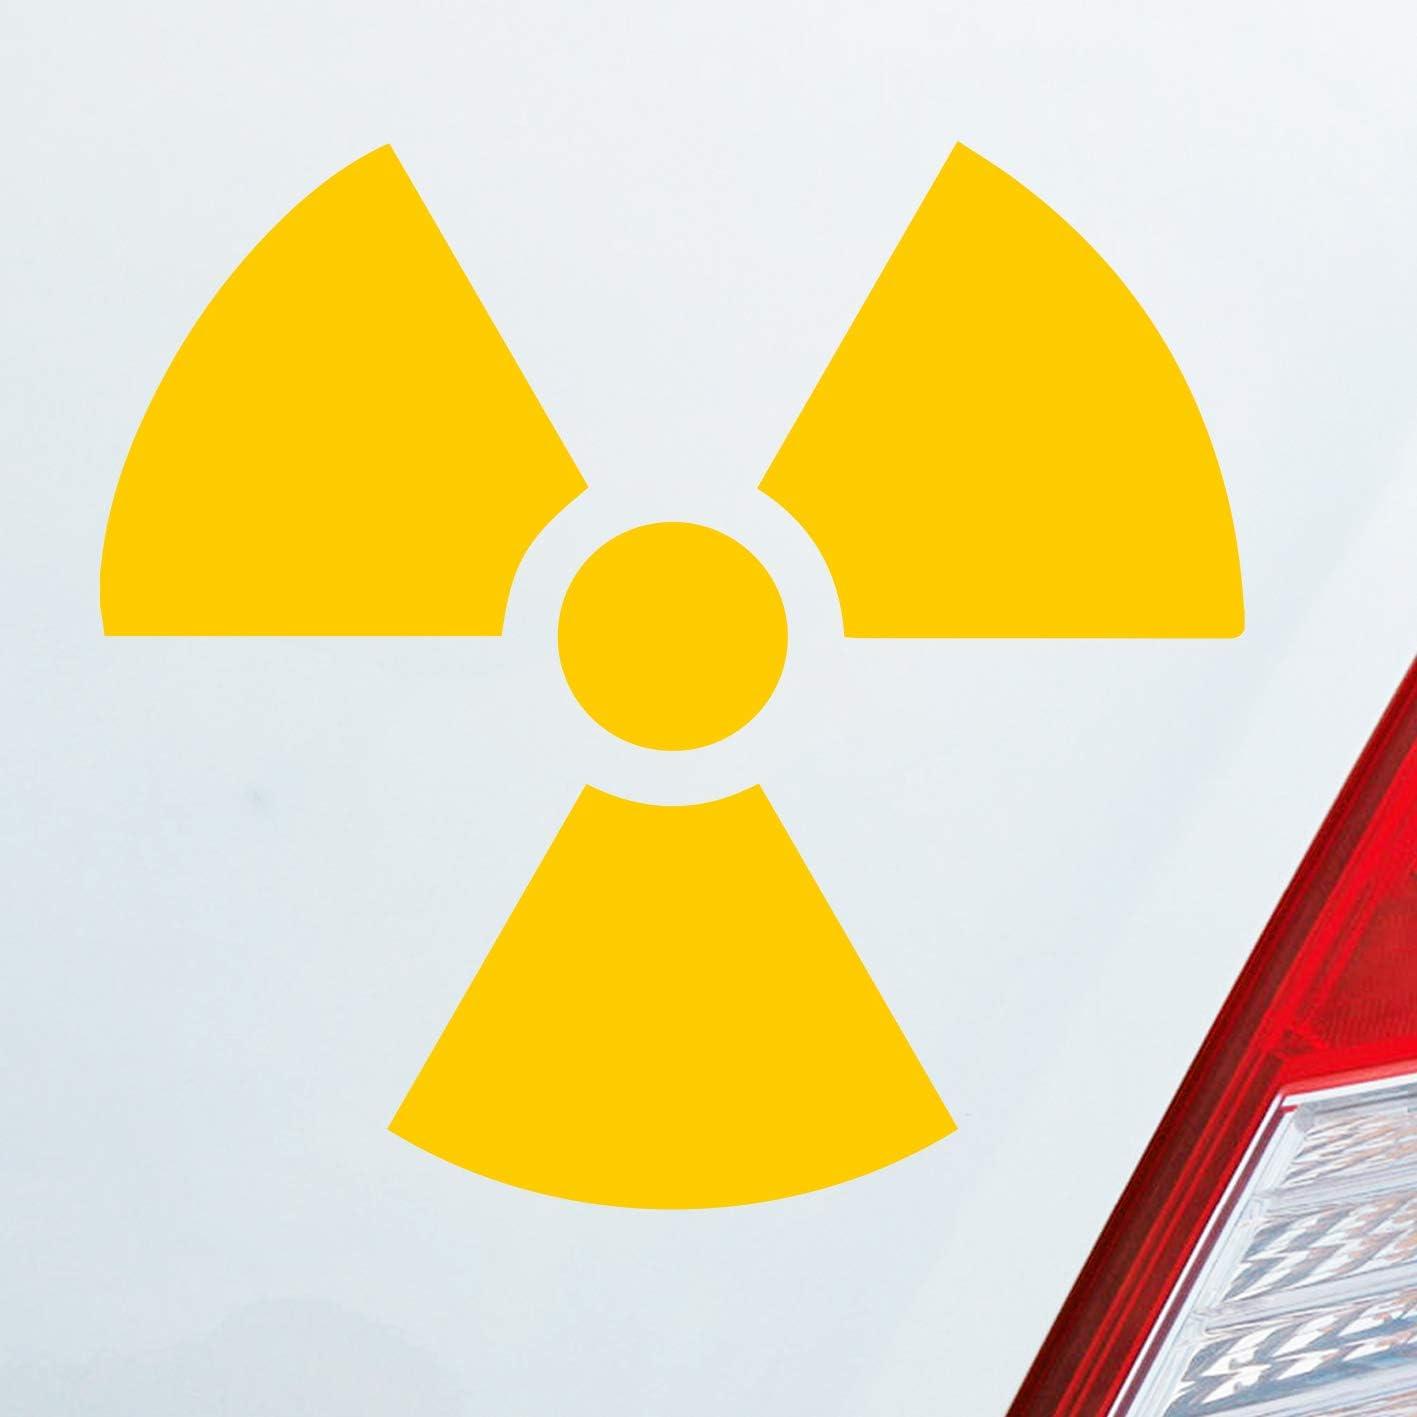 Auto Aufkleber In Deiner Wunschfarbe Atom Radioaktivität Atomkraft Nuklear Jdm 10x10cm Autoaufkleber Sticker Folie Auto